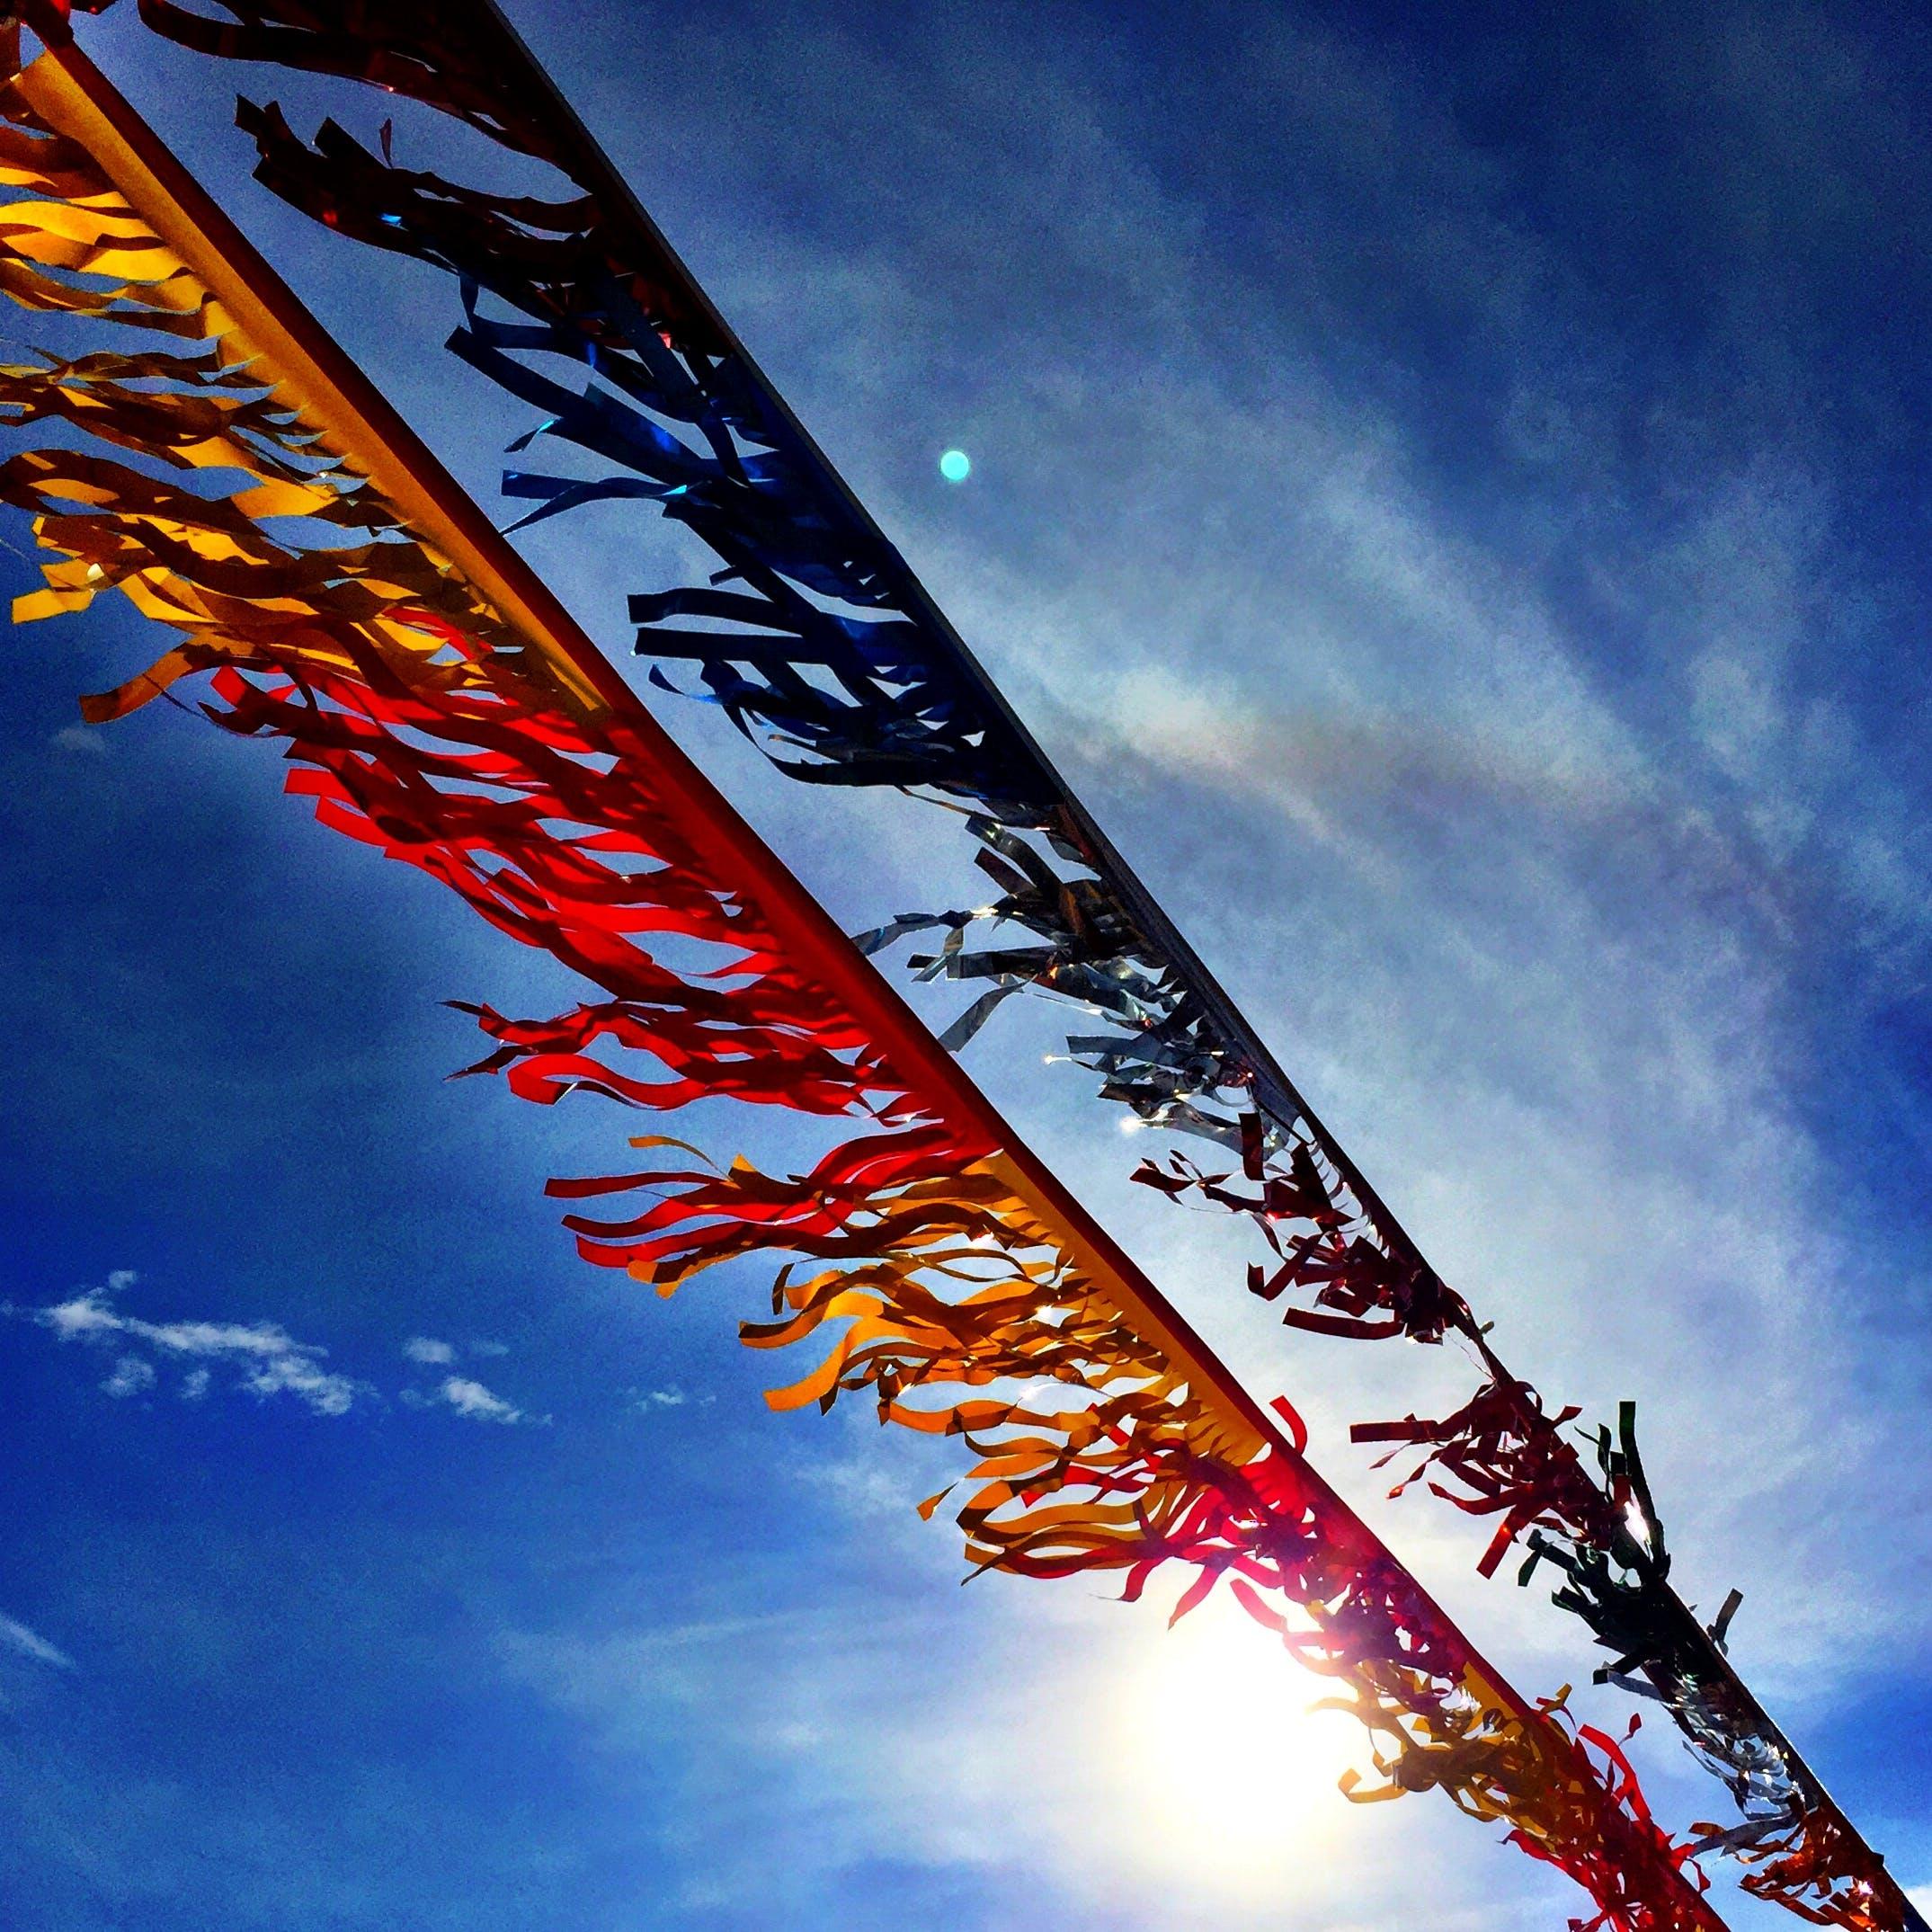 Kostenloses Stock Foto zu blauer himmel, bunt, fahnen, hell